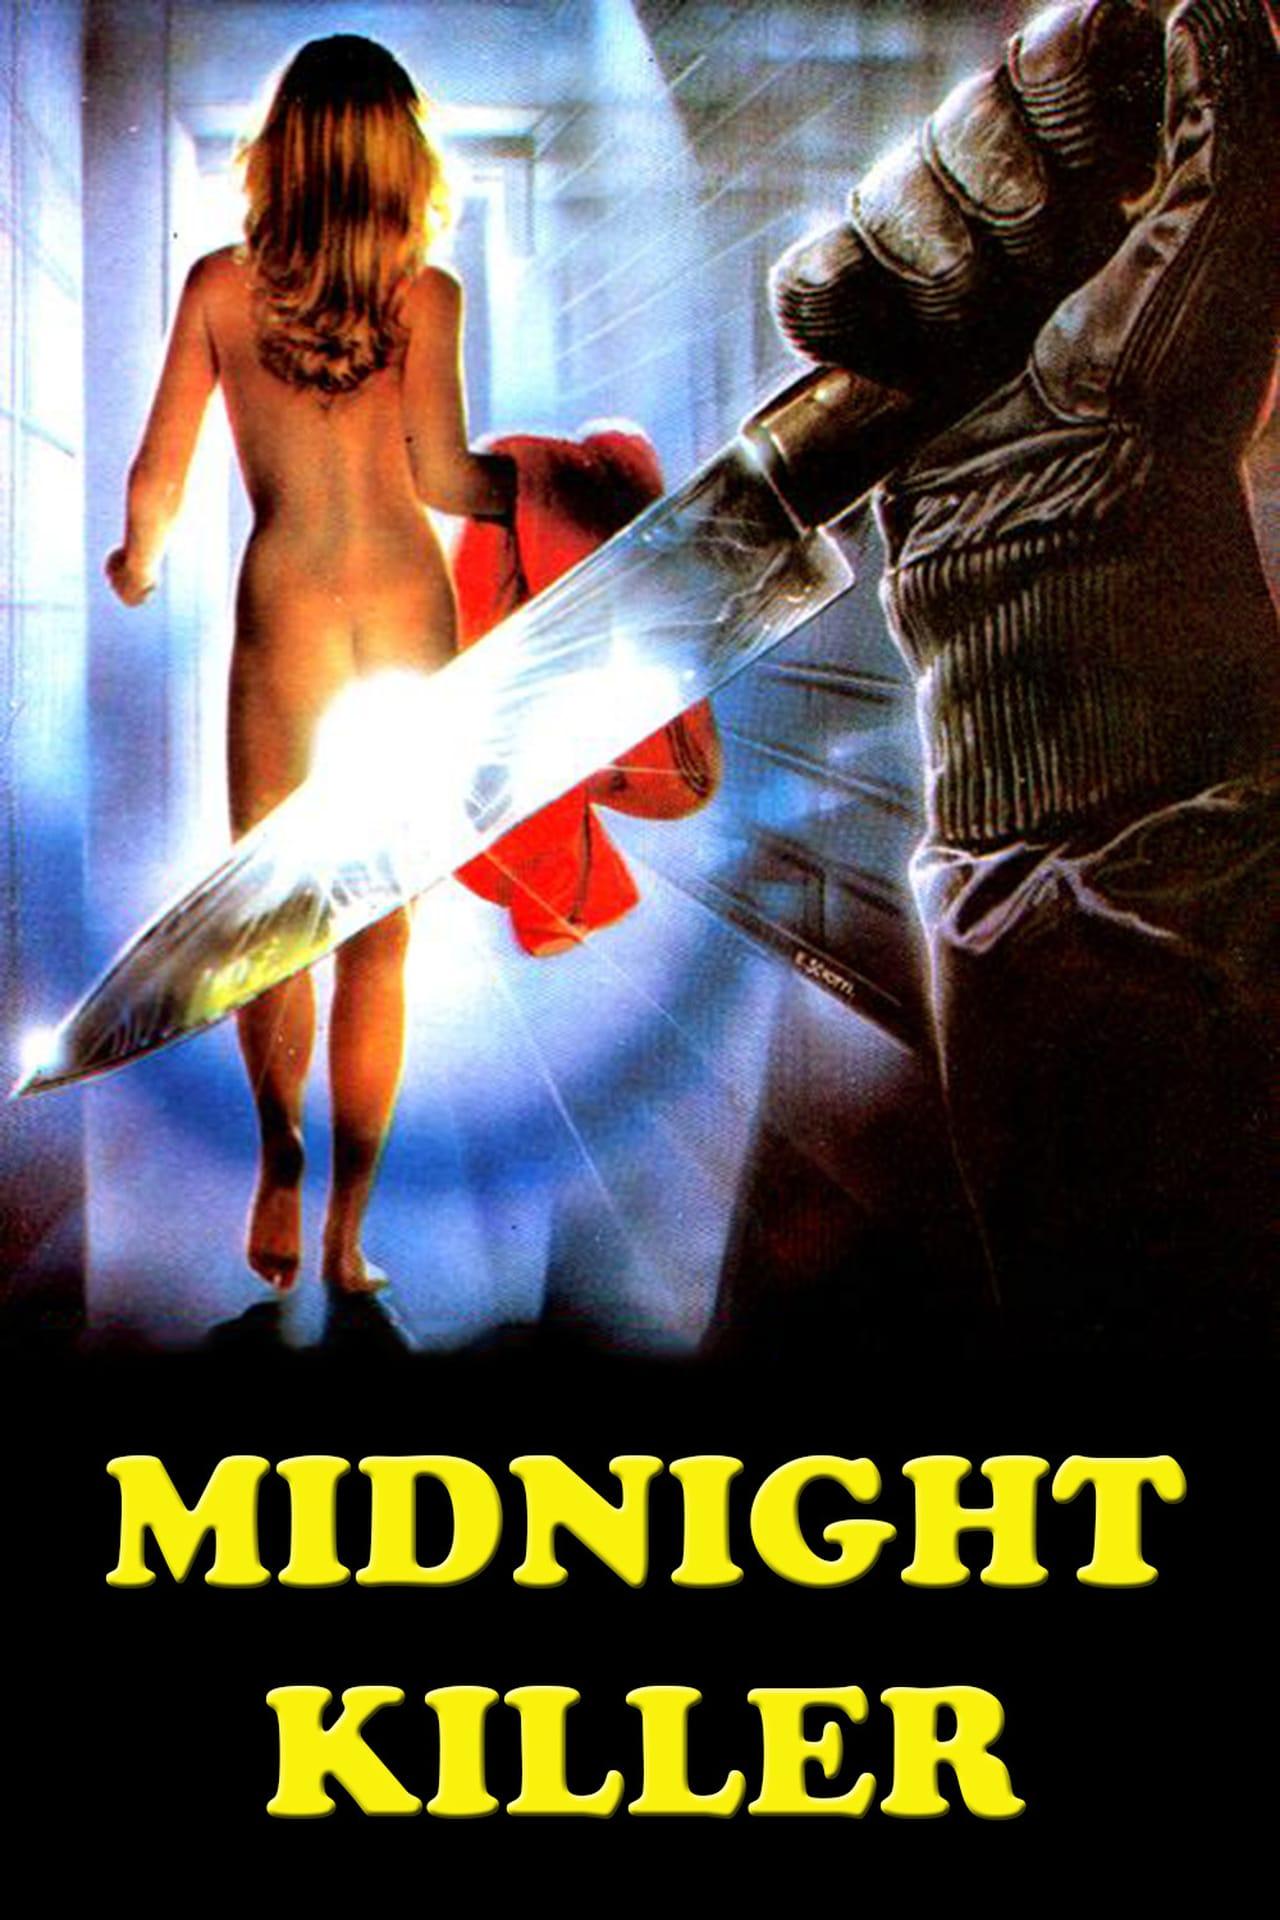 MidnightKiller